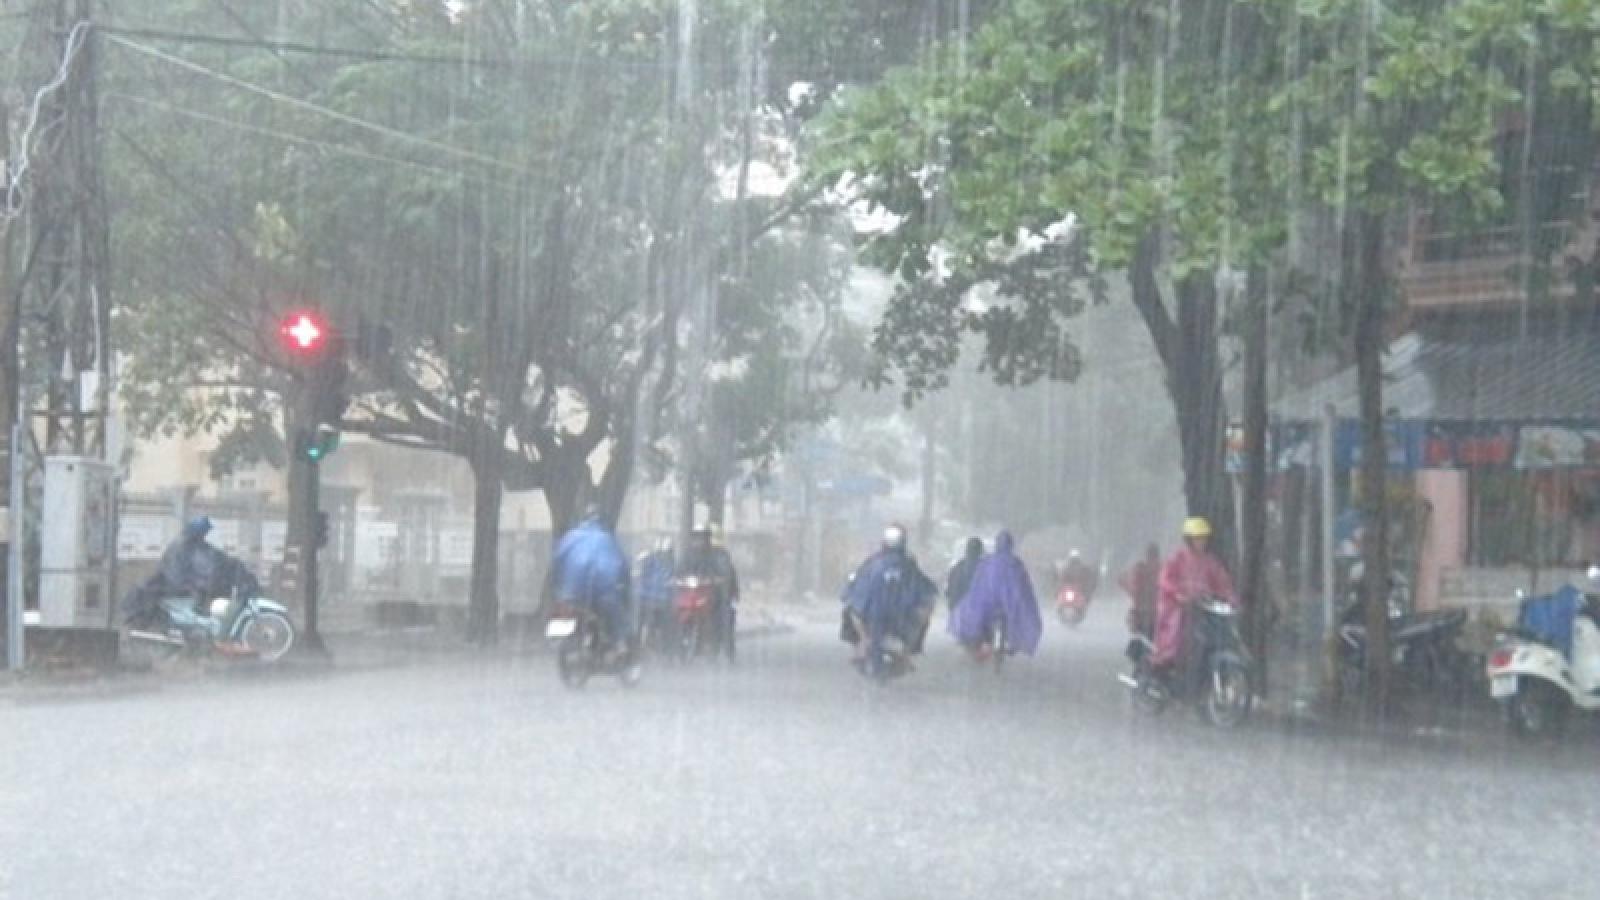 Thời tiết ngày 17/4: Bắc Bộ mưa to, đề phòng lốc, sét, mưa đá và gió giật mạnh